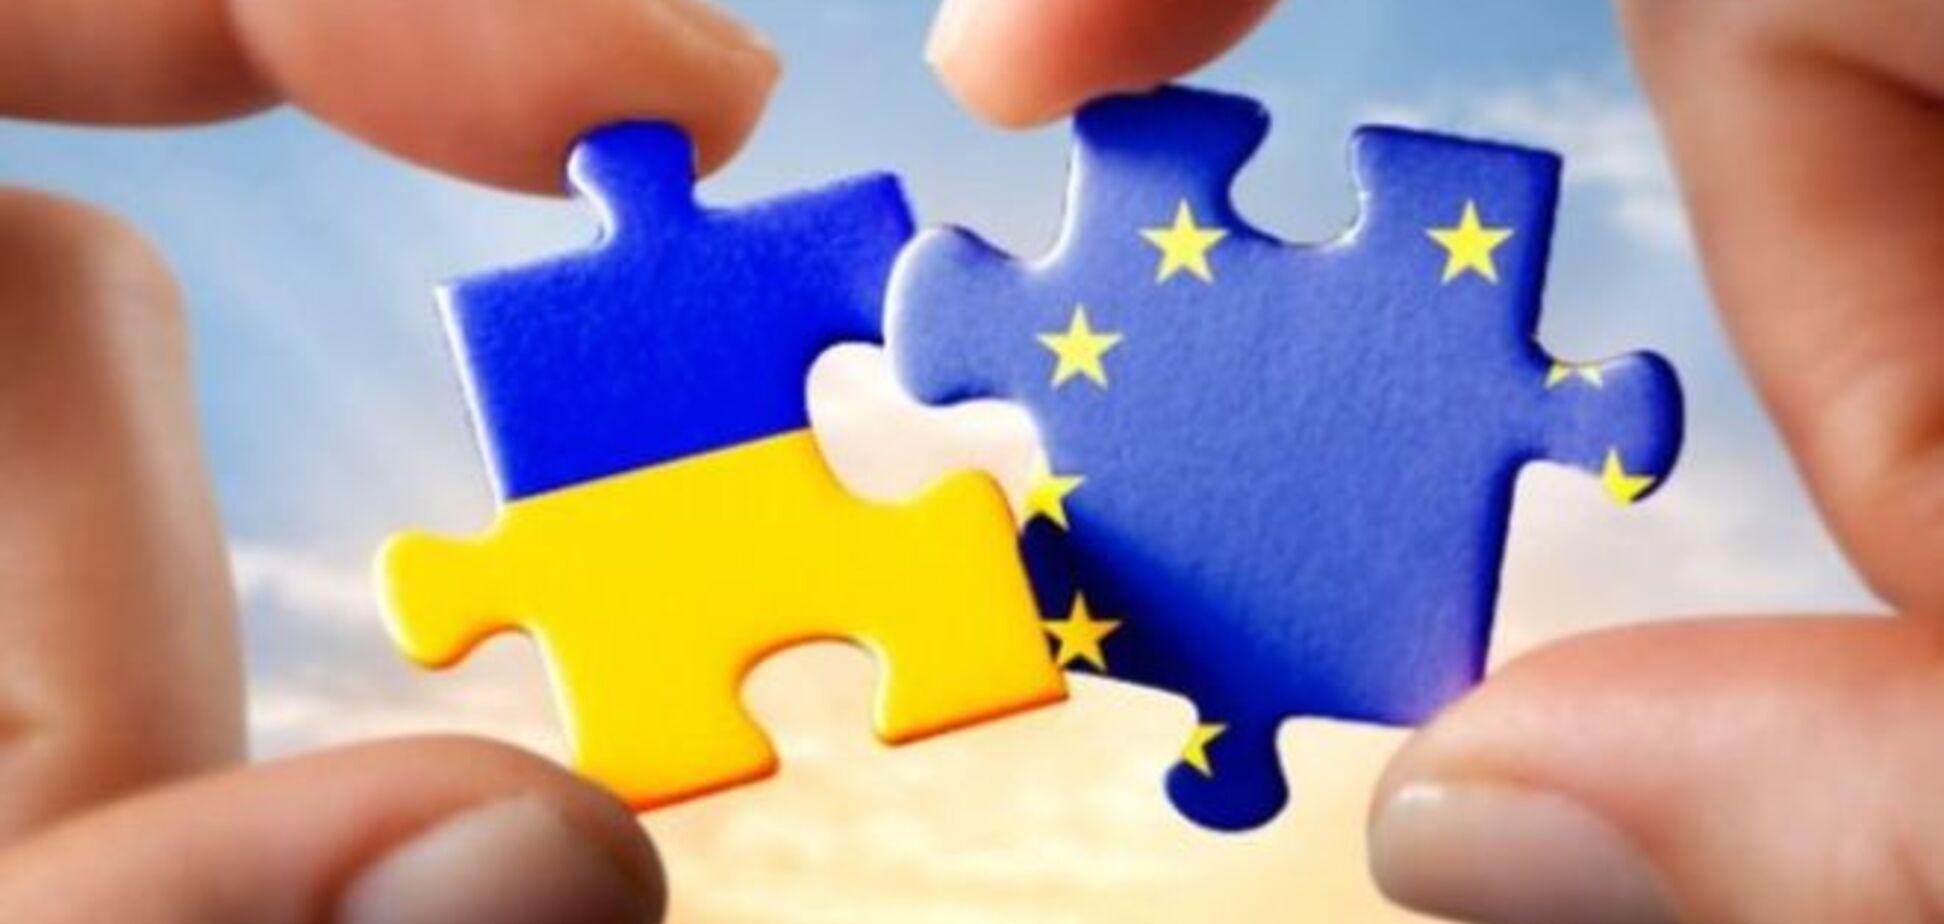 Соглашение об ассоциации с ЕС не помогает украинским экспортерам